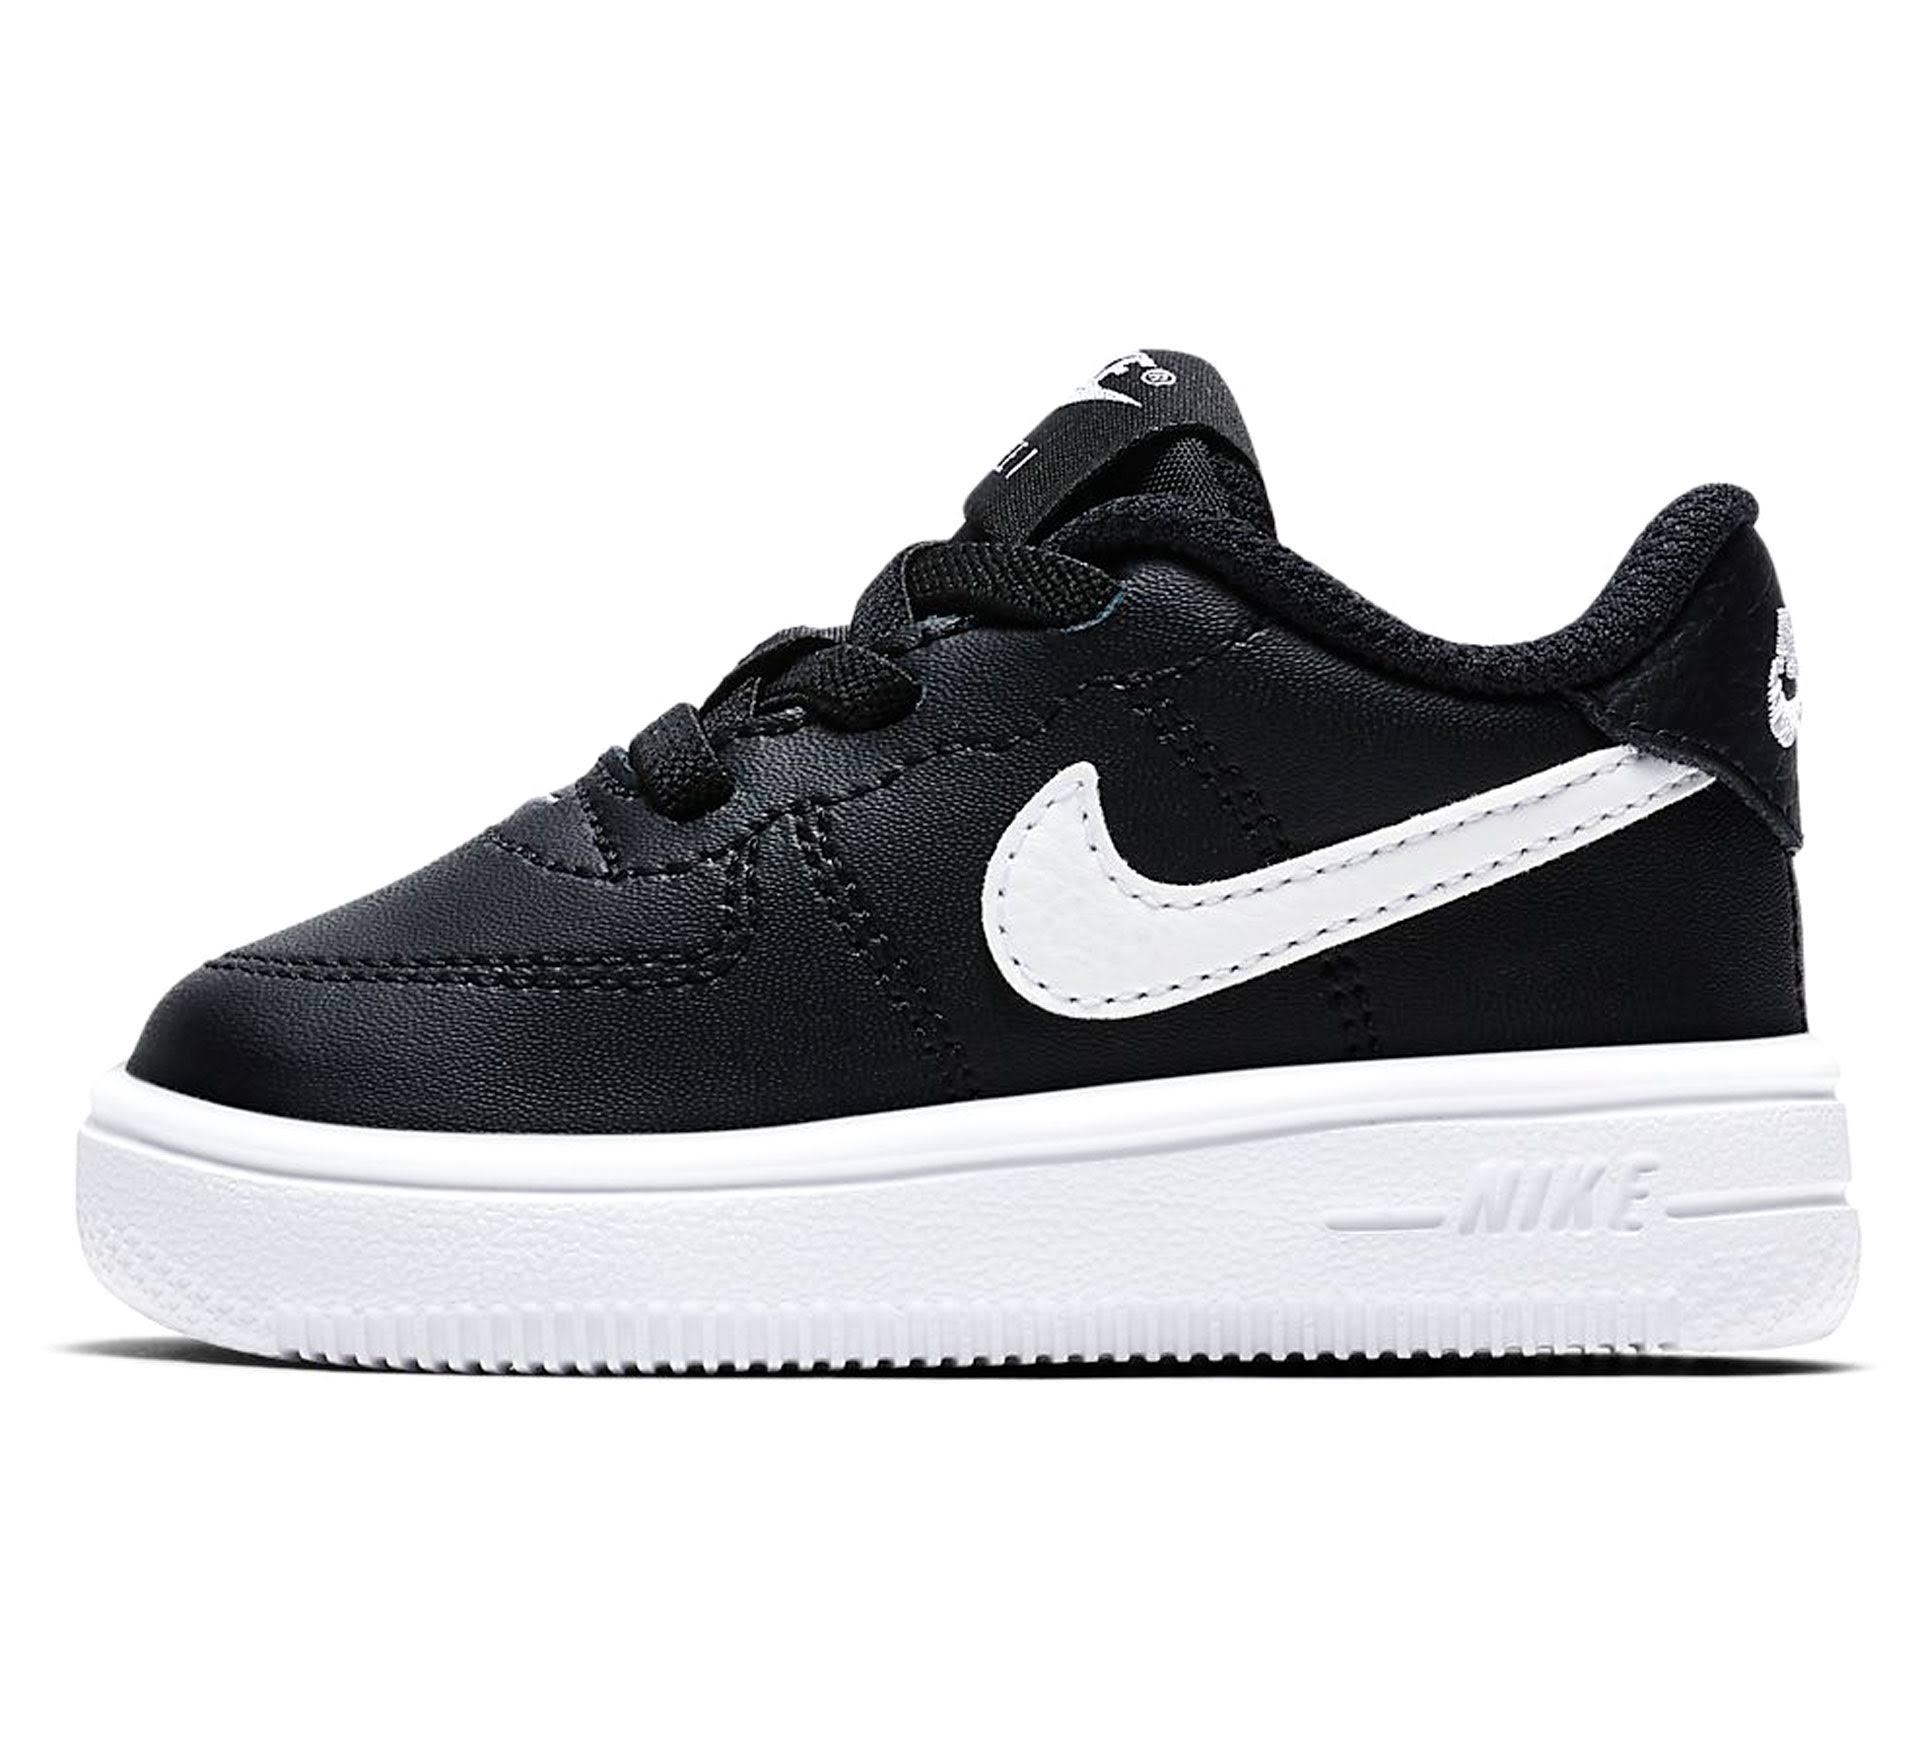 22 Größe 1 Schuhe Weiß Nike Schwarz 905220002 18 Force 1PYnqwU